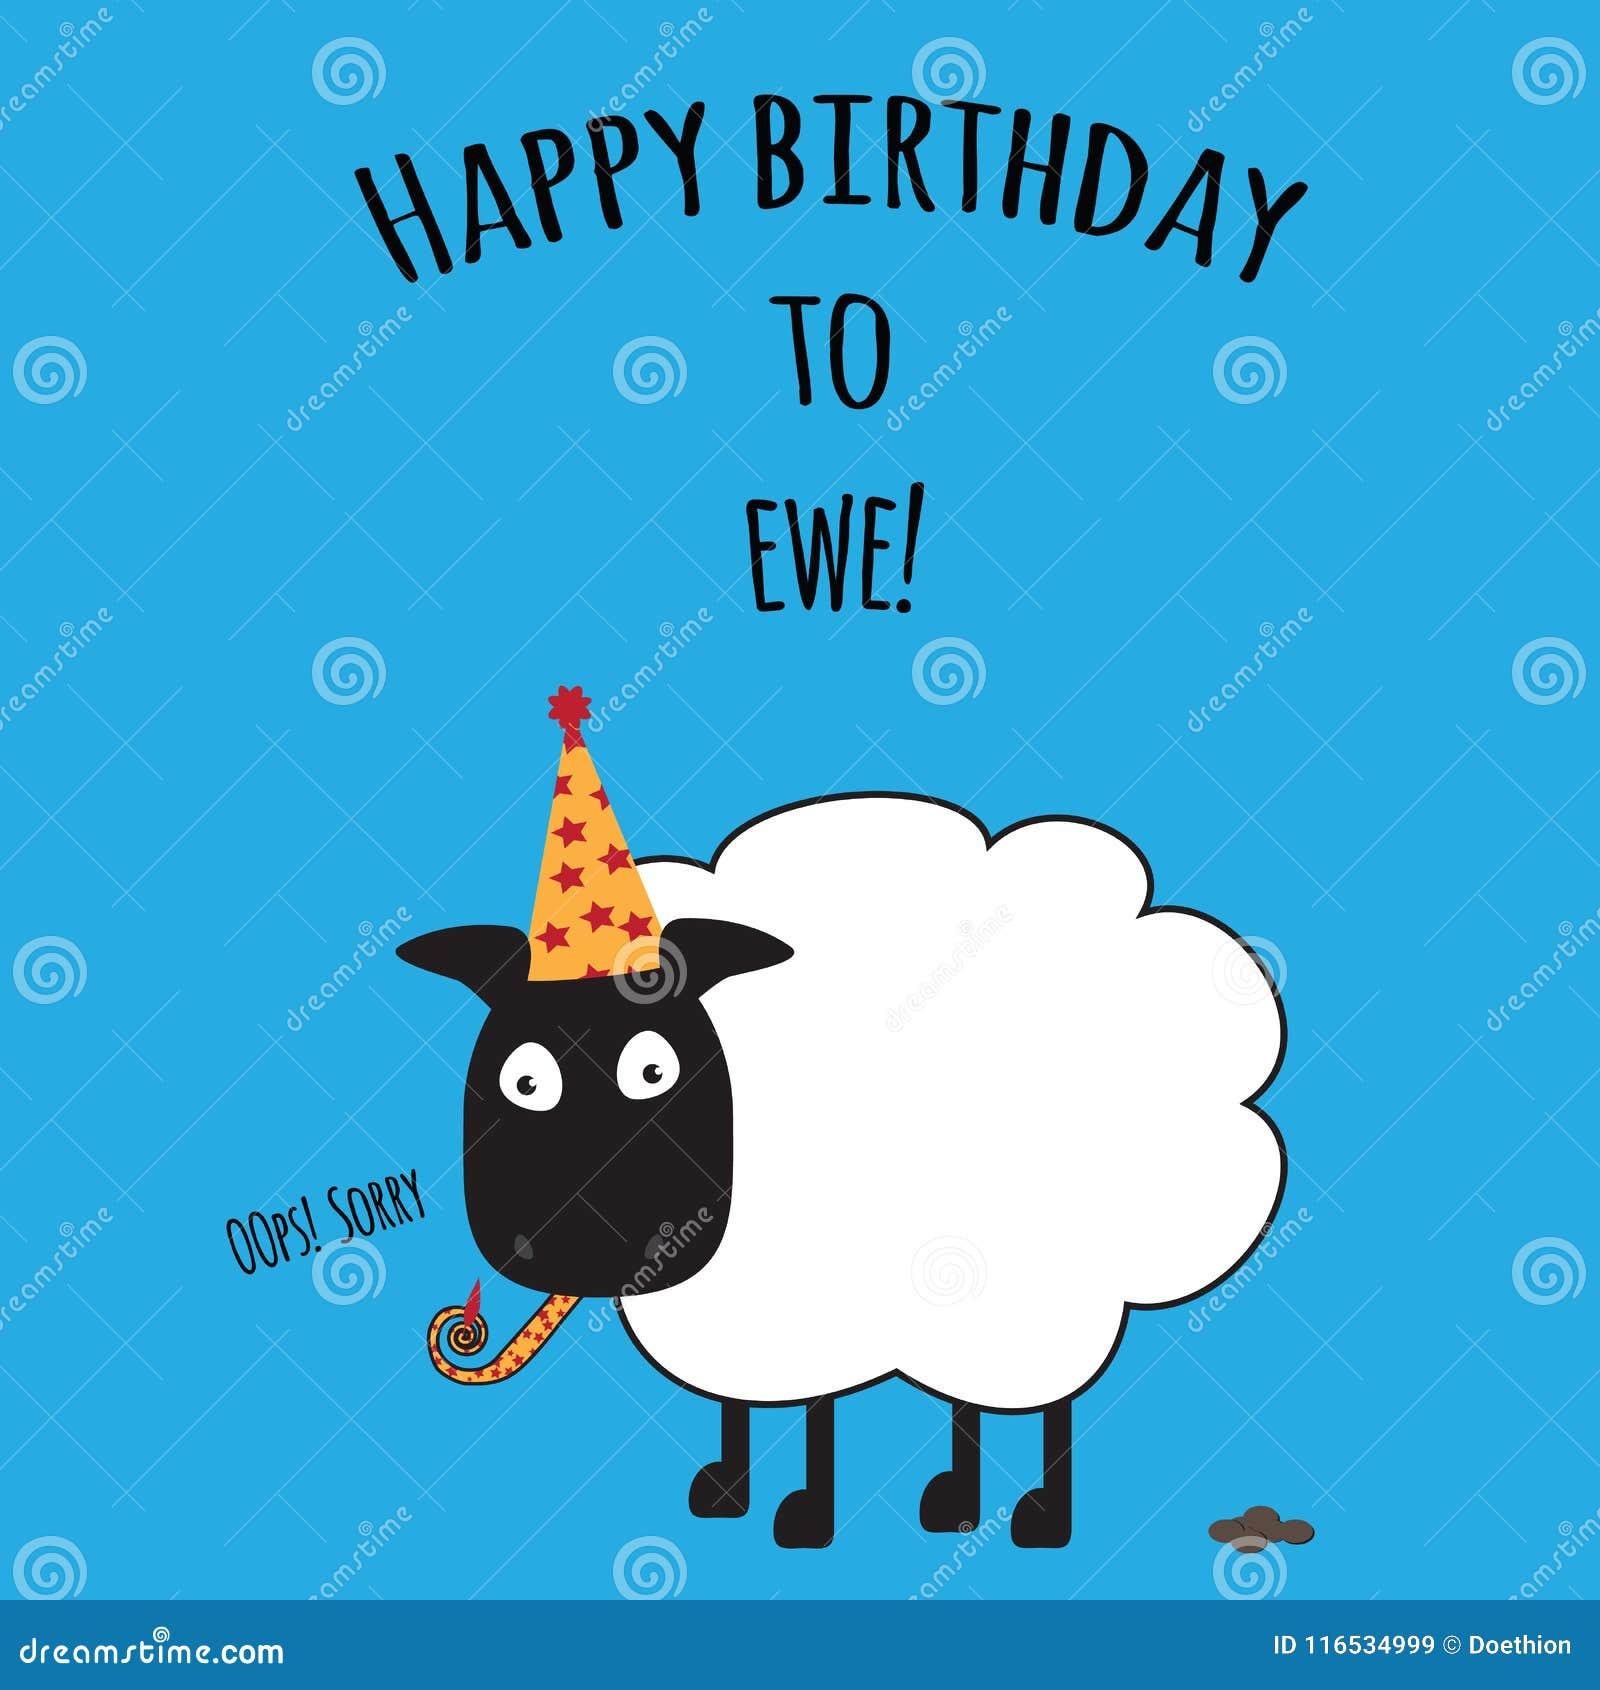 Födelsedagkortet med lycklig födelsedag till tackan med gulliga får avbildar